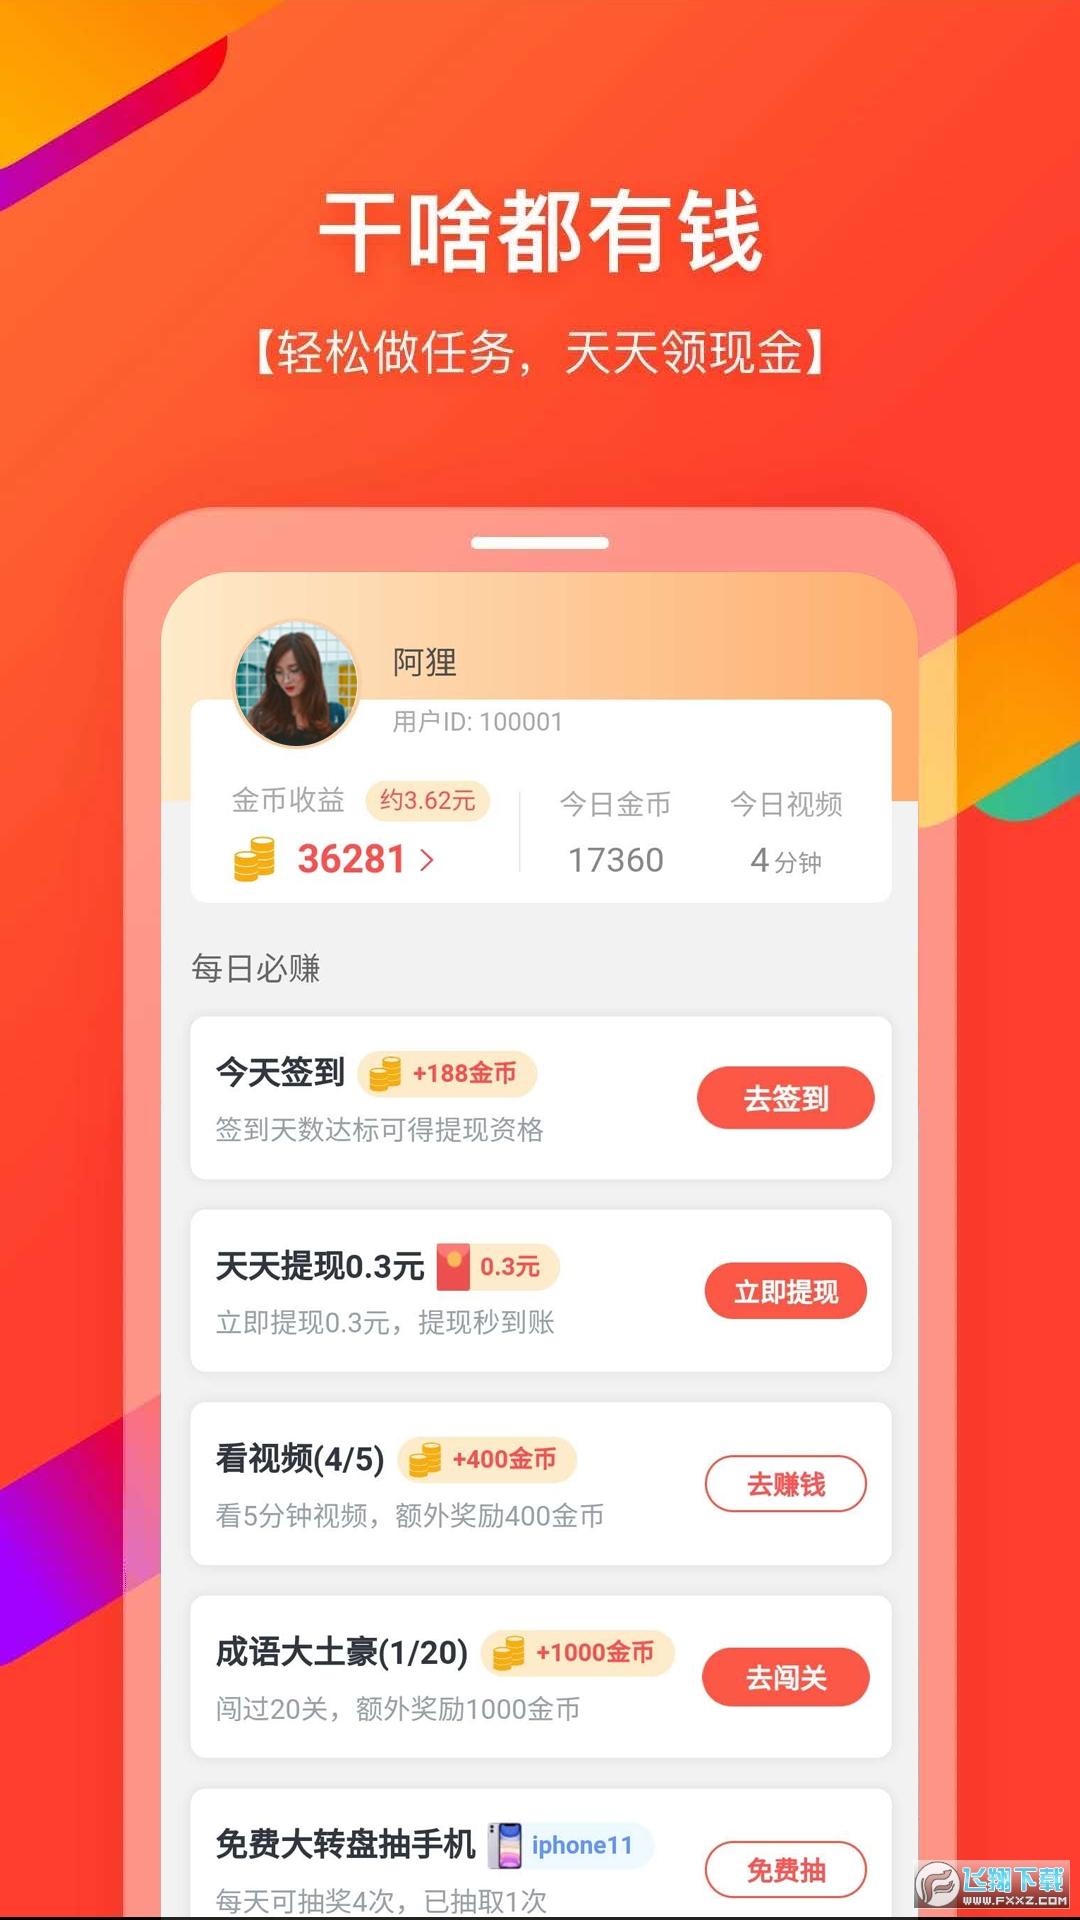 多看红包赚现金appv1.8.600福利版截图3